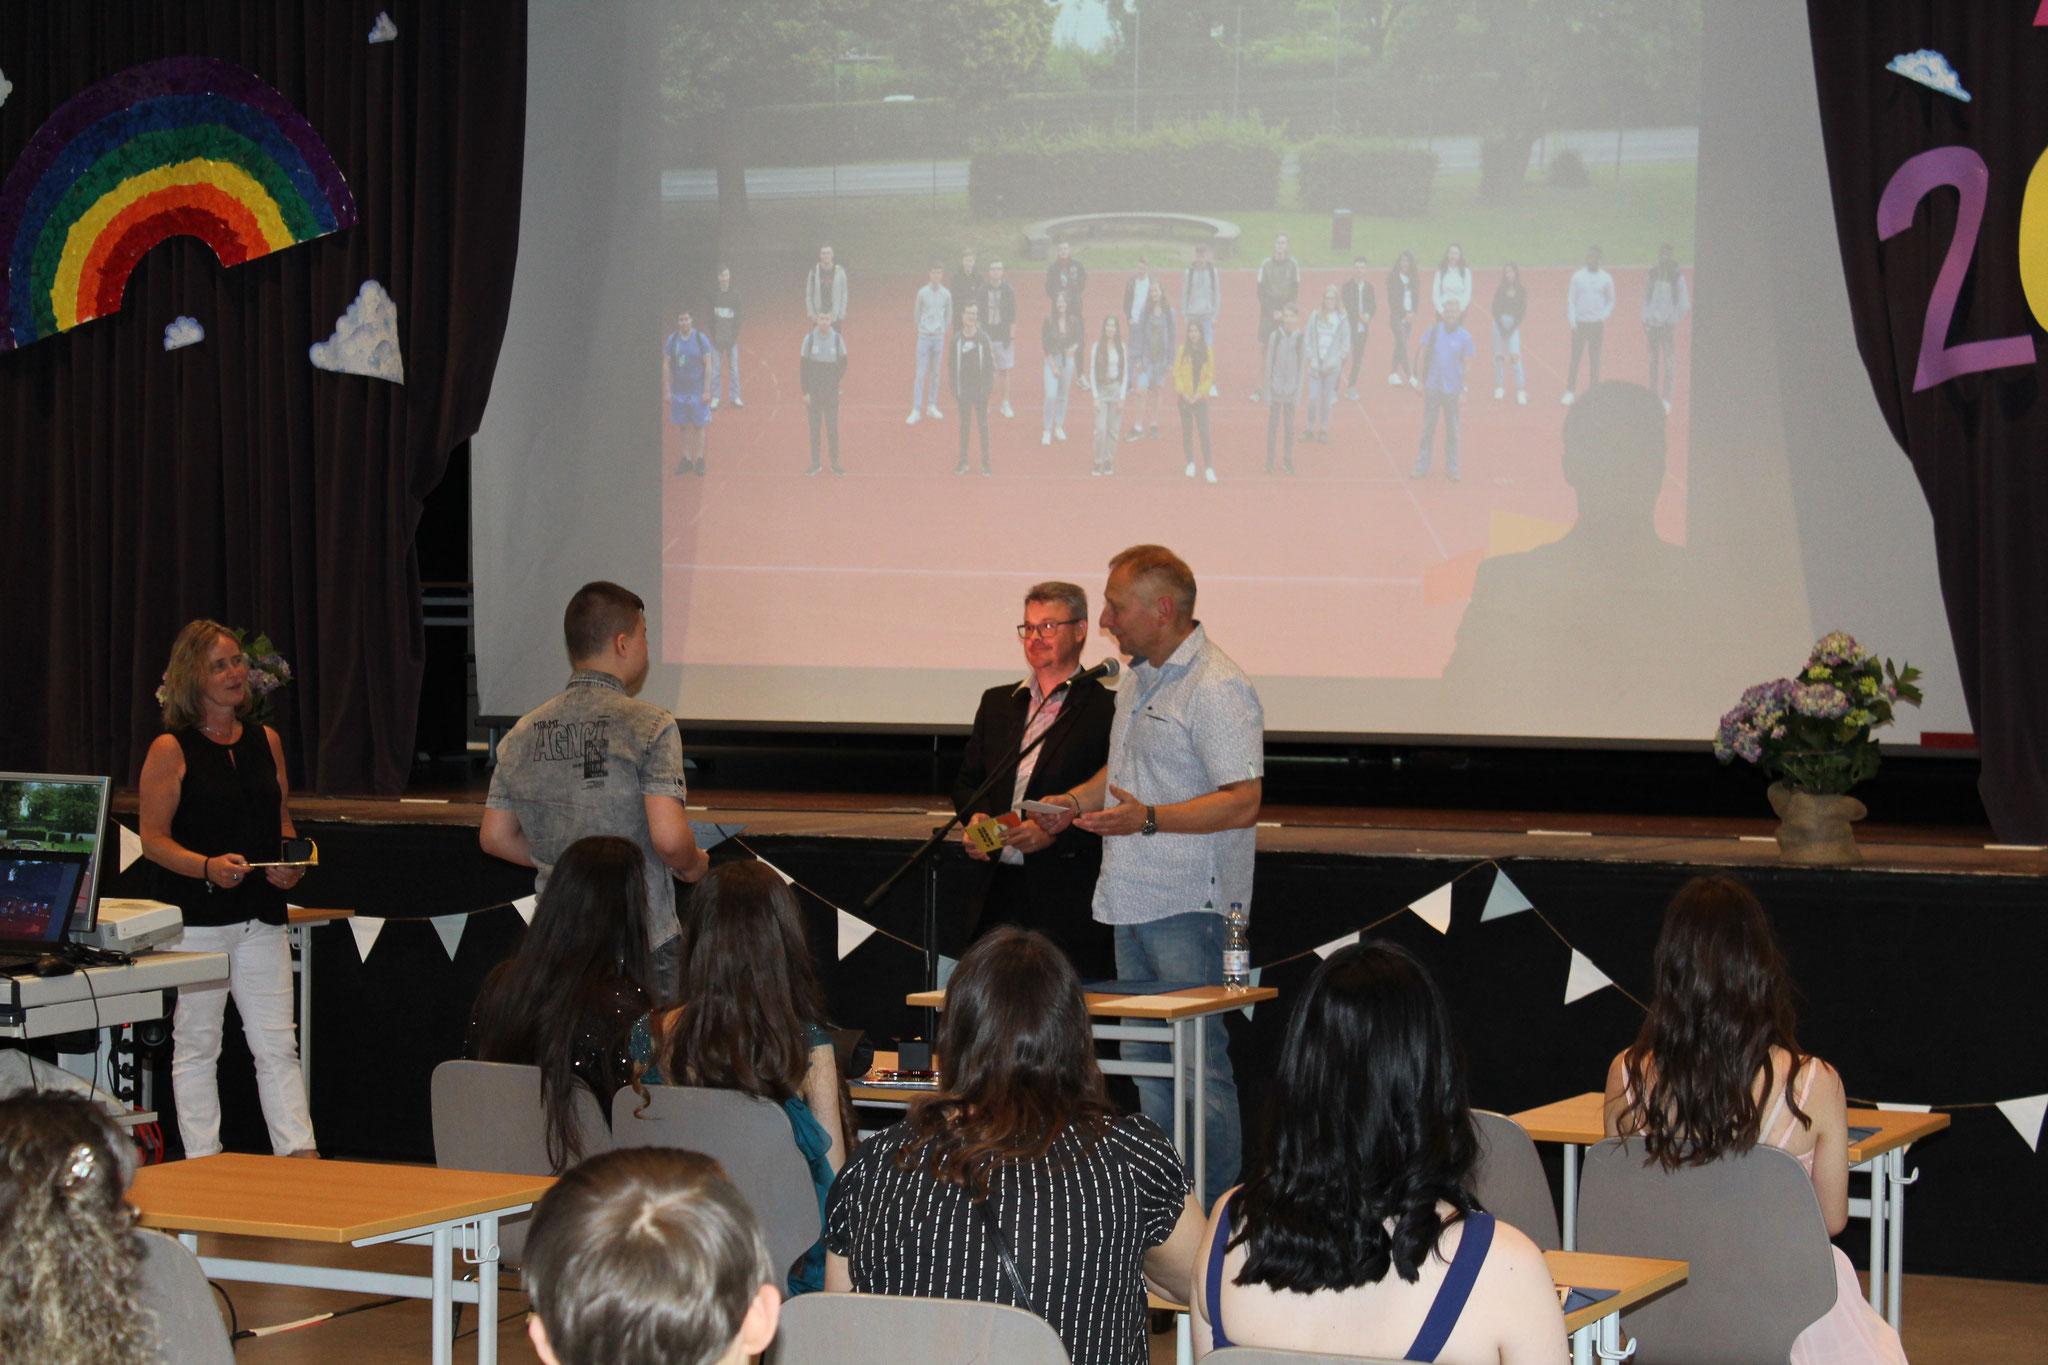 Klassenbester 10 Vadim Tscherniev und Klassenleiter Hr. Kerner